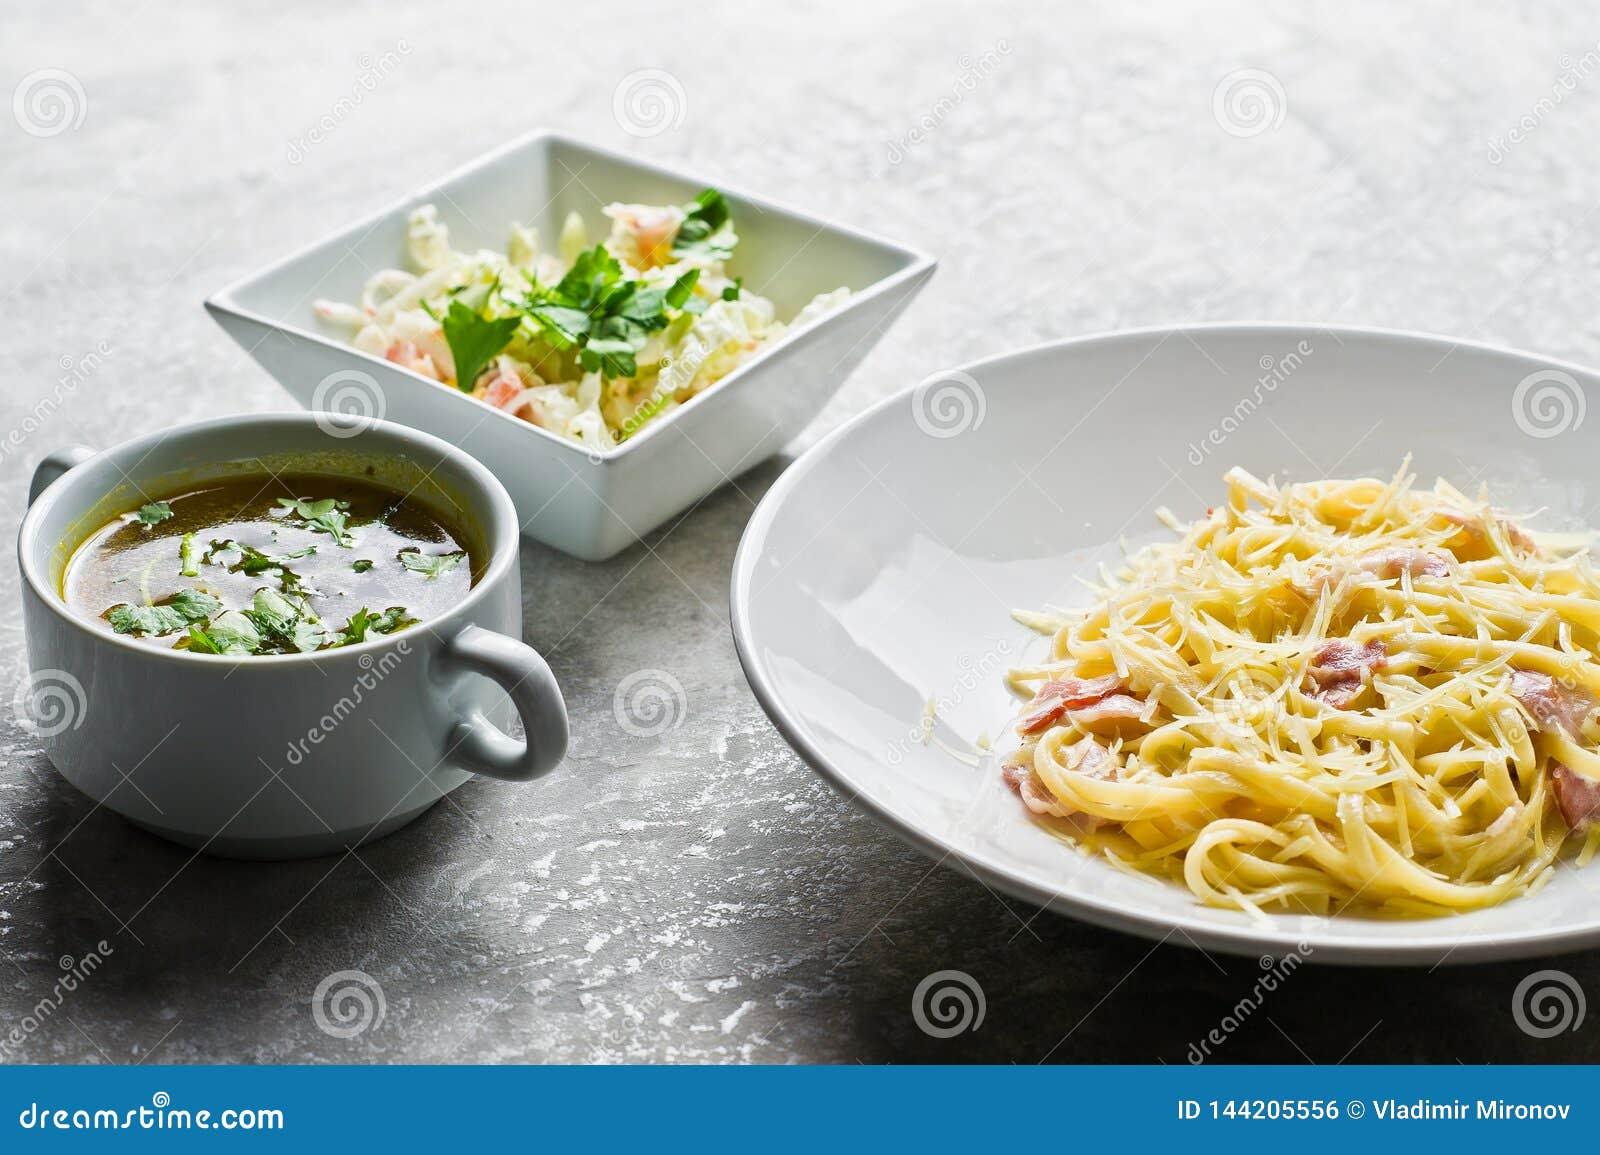 Меню обеда ресторанного бизнеса, макаронные изделия Carbonara, зеленый салат и куриный суп